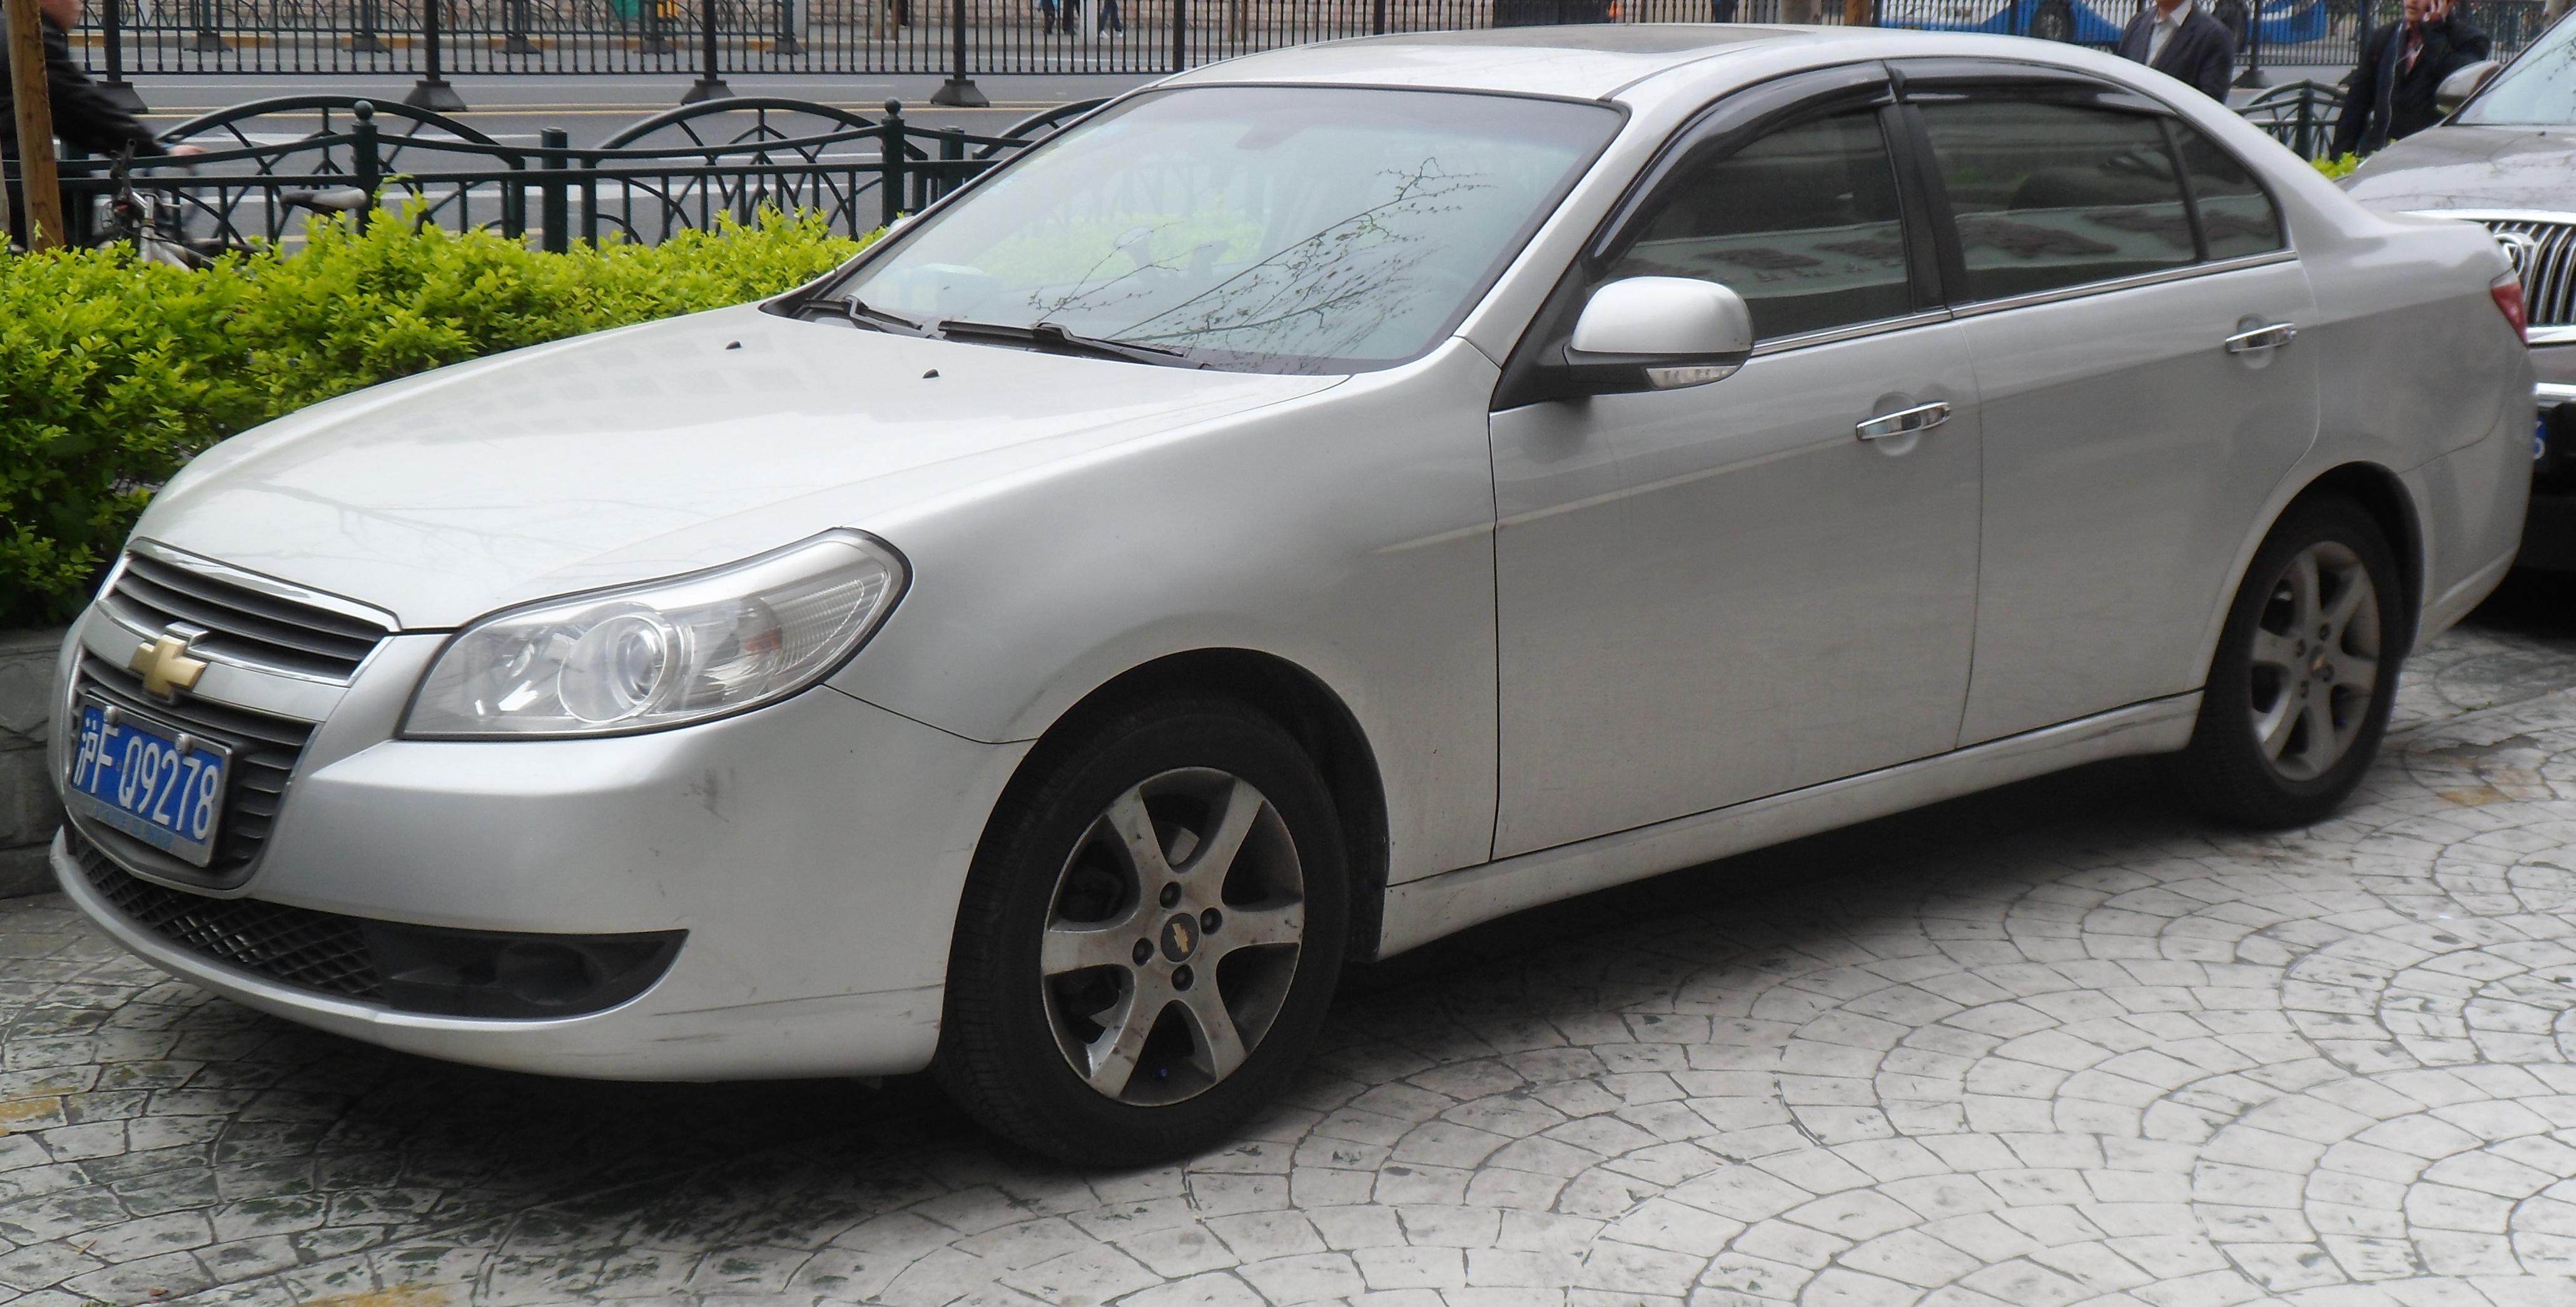 Chevrolet Epica I Restyling 2010 - 2012 Sedan #2